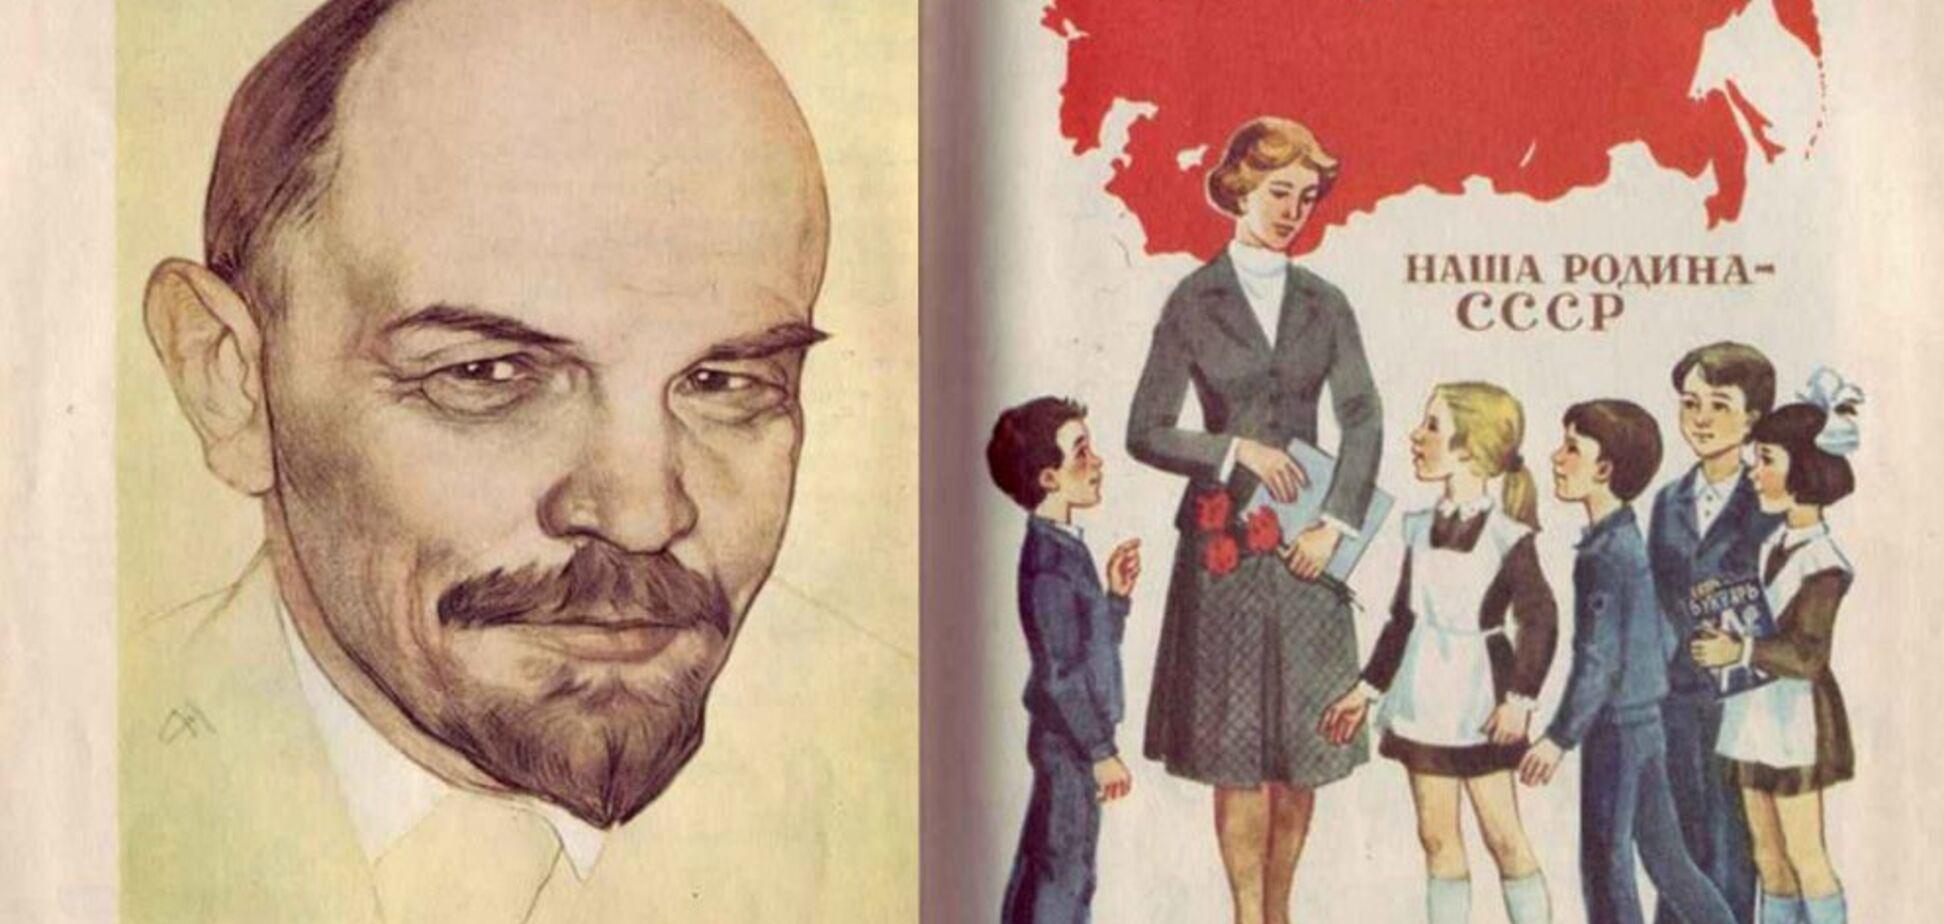 Мифы прошлого: гимн СССР - плагиат